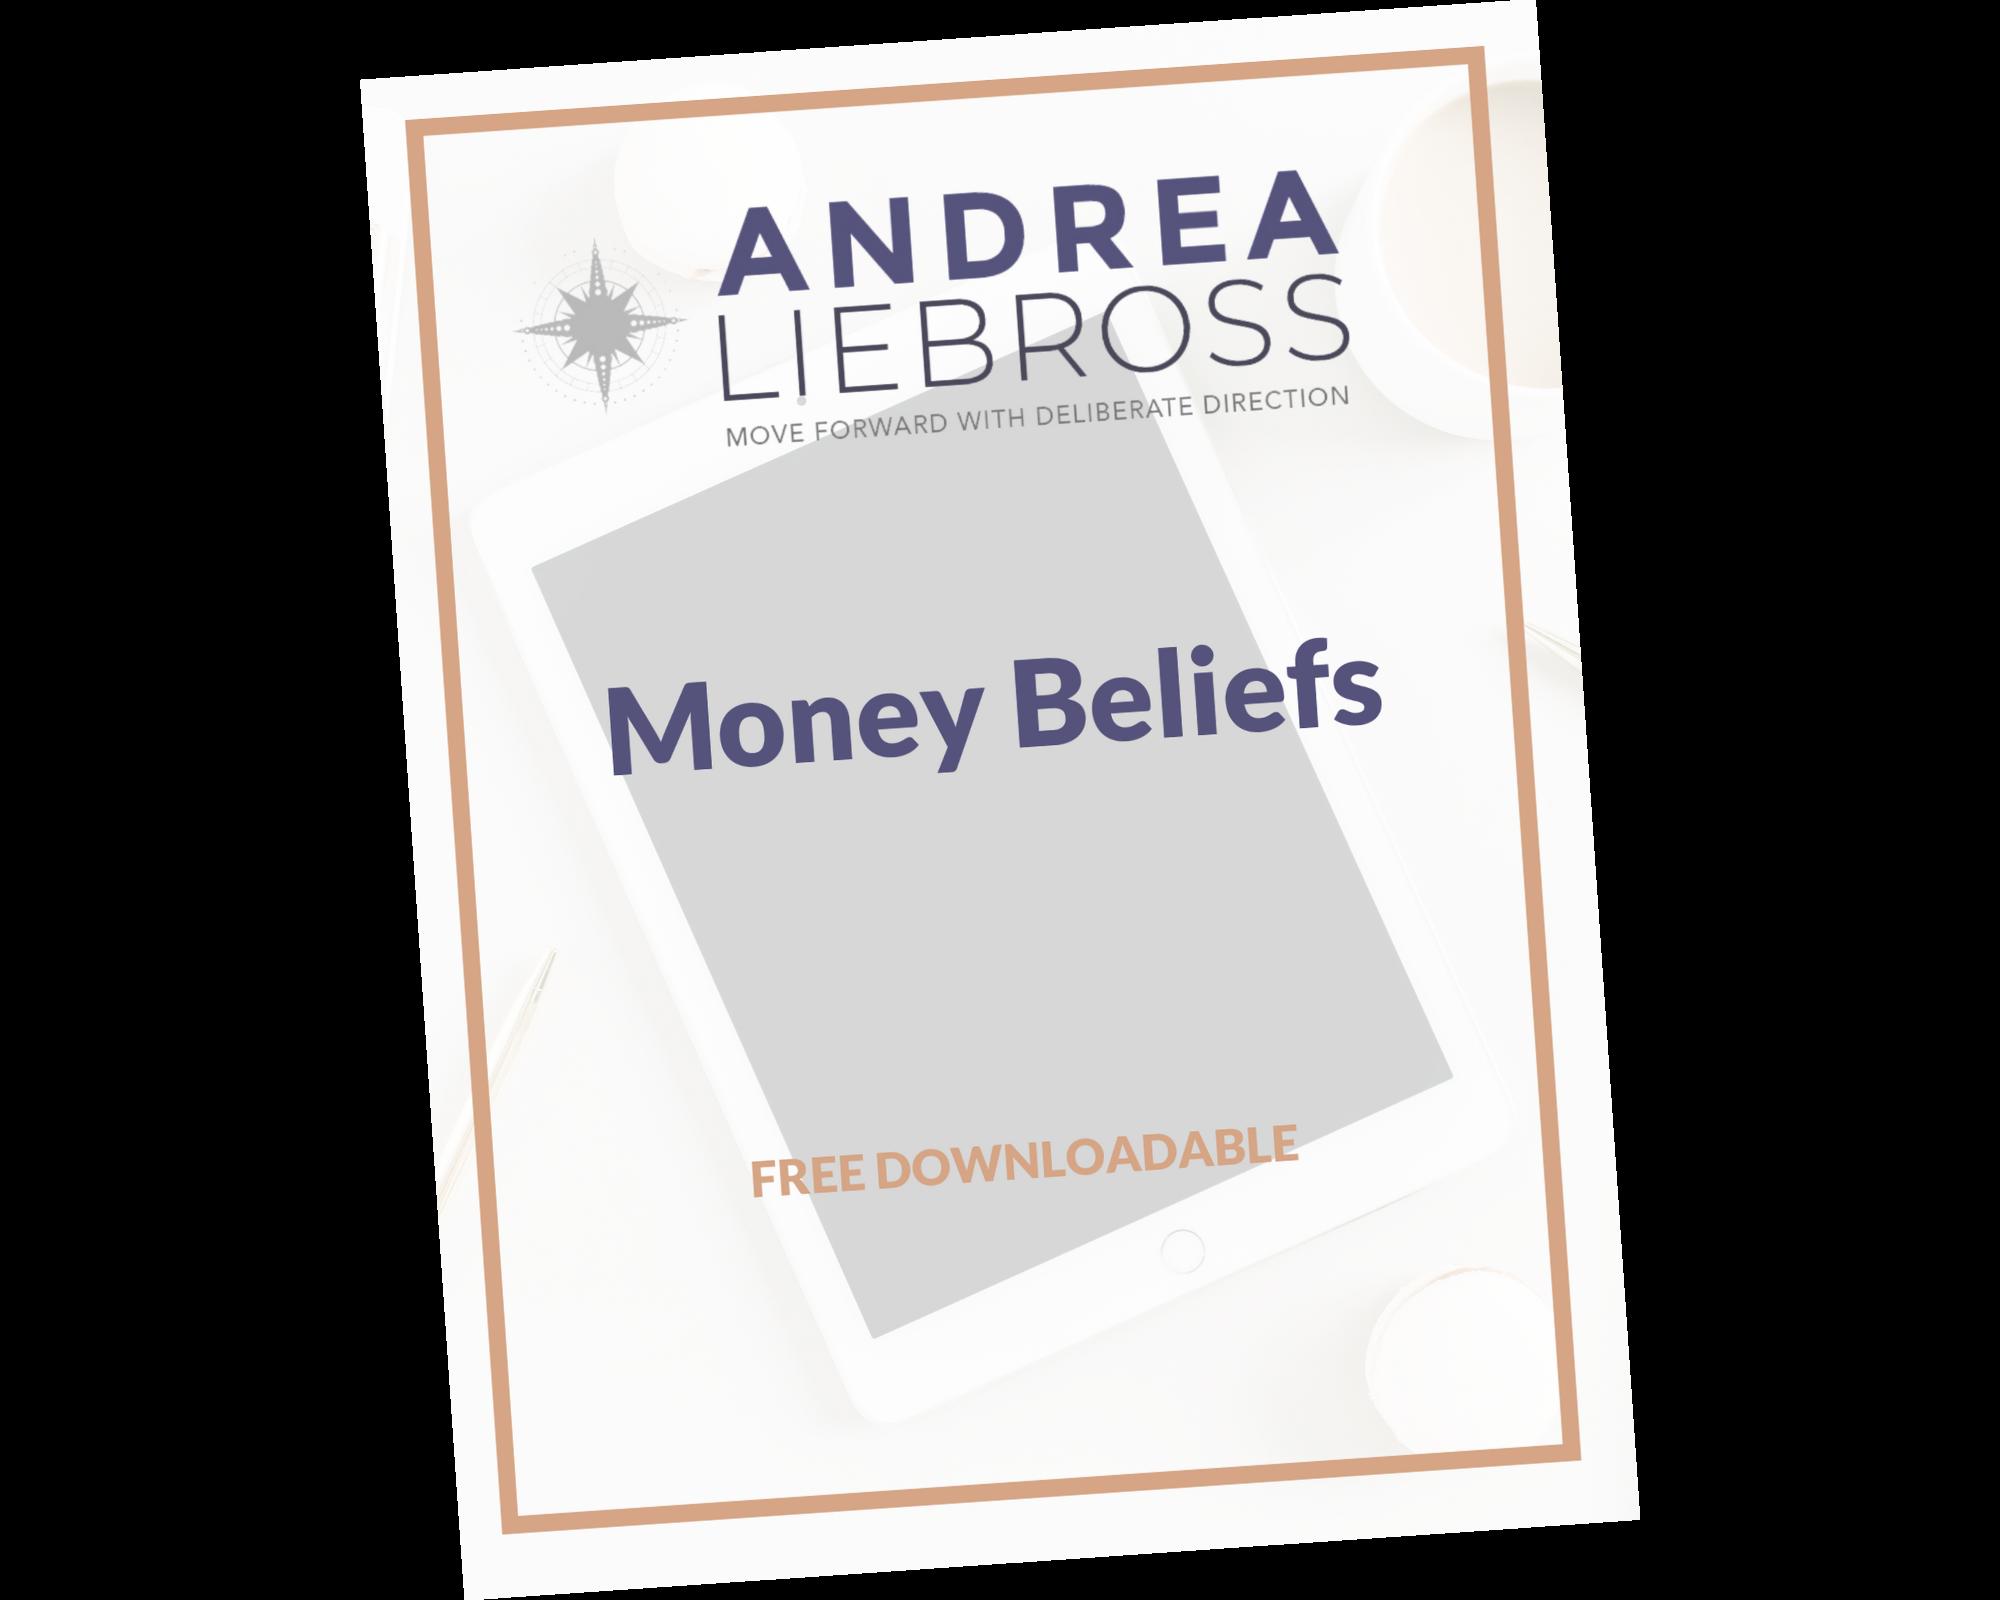 Money Beliefs cover